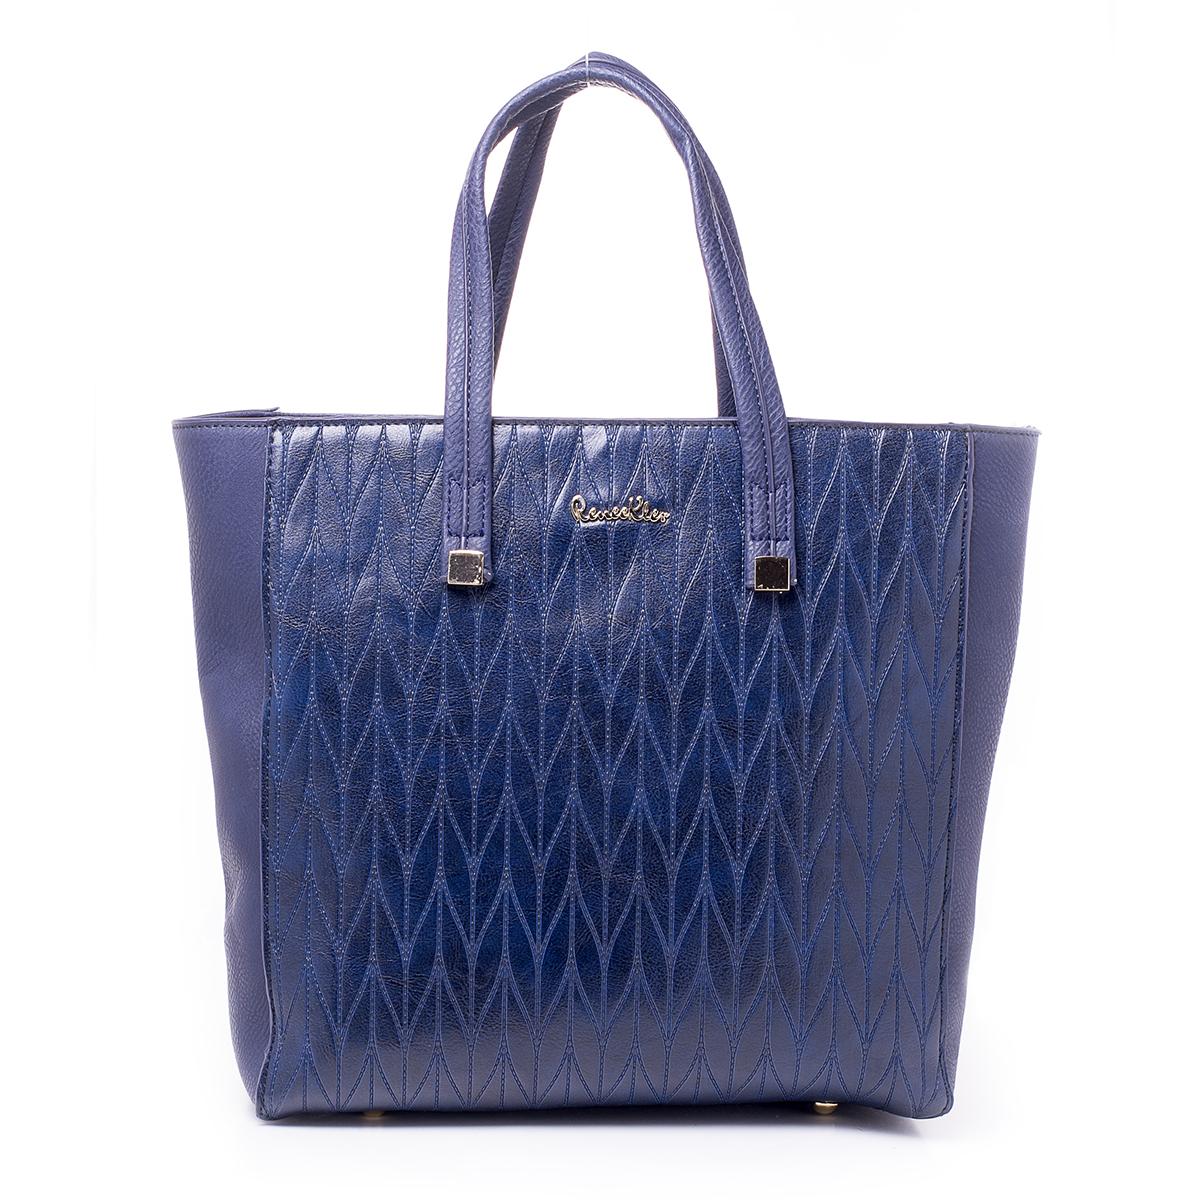 Сумка женская Renee Kler, цвет: сине-фиолетовый. RK515-06L39845800Стильная женская сумка Renee Kler выполнена из качественной искусственной кожи. Сумка оформлена оригинальным тиснением. Сумка имеет одно отделение и застегивается на молнию. Лицевая часть декорирована металлическим элементом с названием бренда. Внутри отделения находятся два накладных кармана и один врезной карман на застежке-молнии. Отделение разделено карманом-средником на застежке-молнии.Сумка оснащена двумя удобными ручками с металлической фурнитурой.